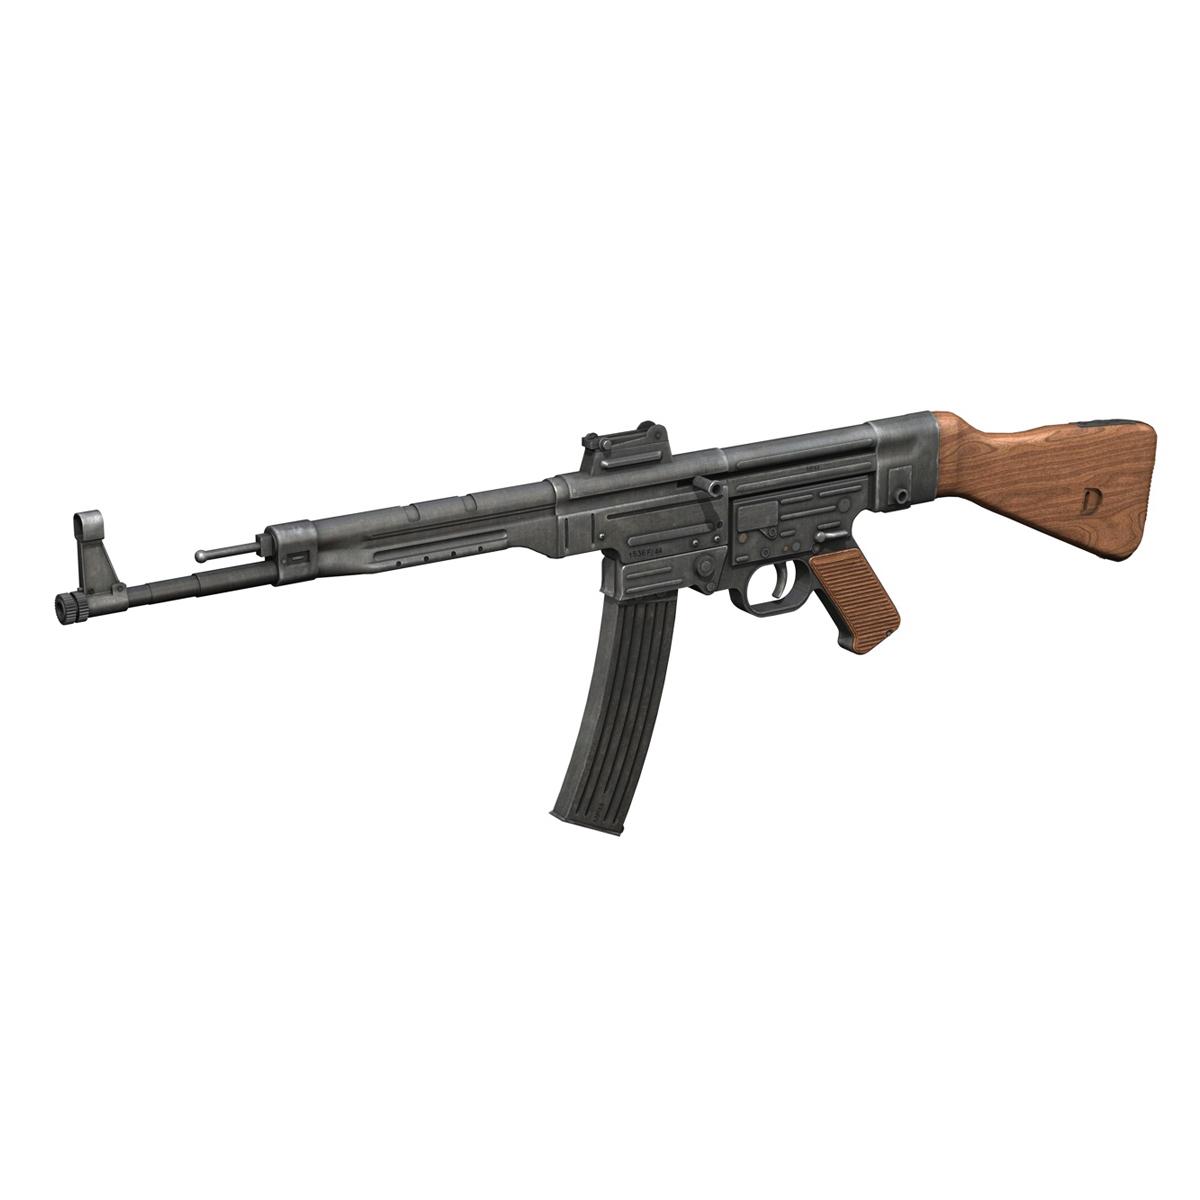 sturmgewehr 44 - mp44 - német támadás puska 3d modell 3ds fbx c4d lwo obj 195179